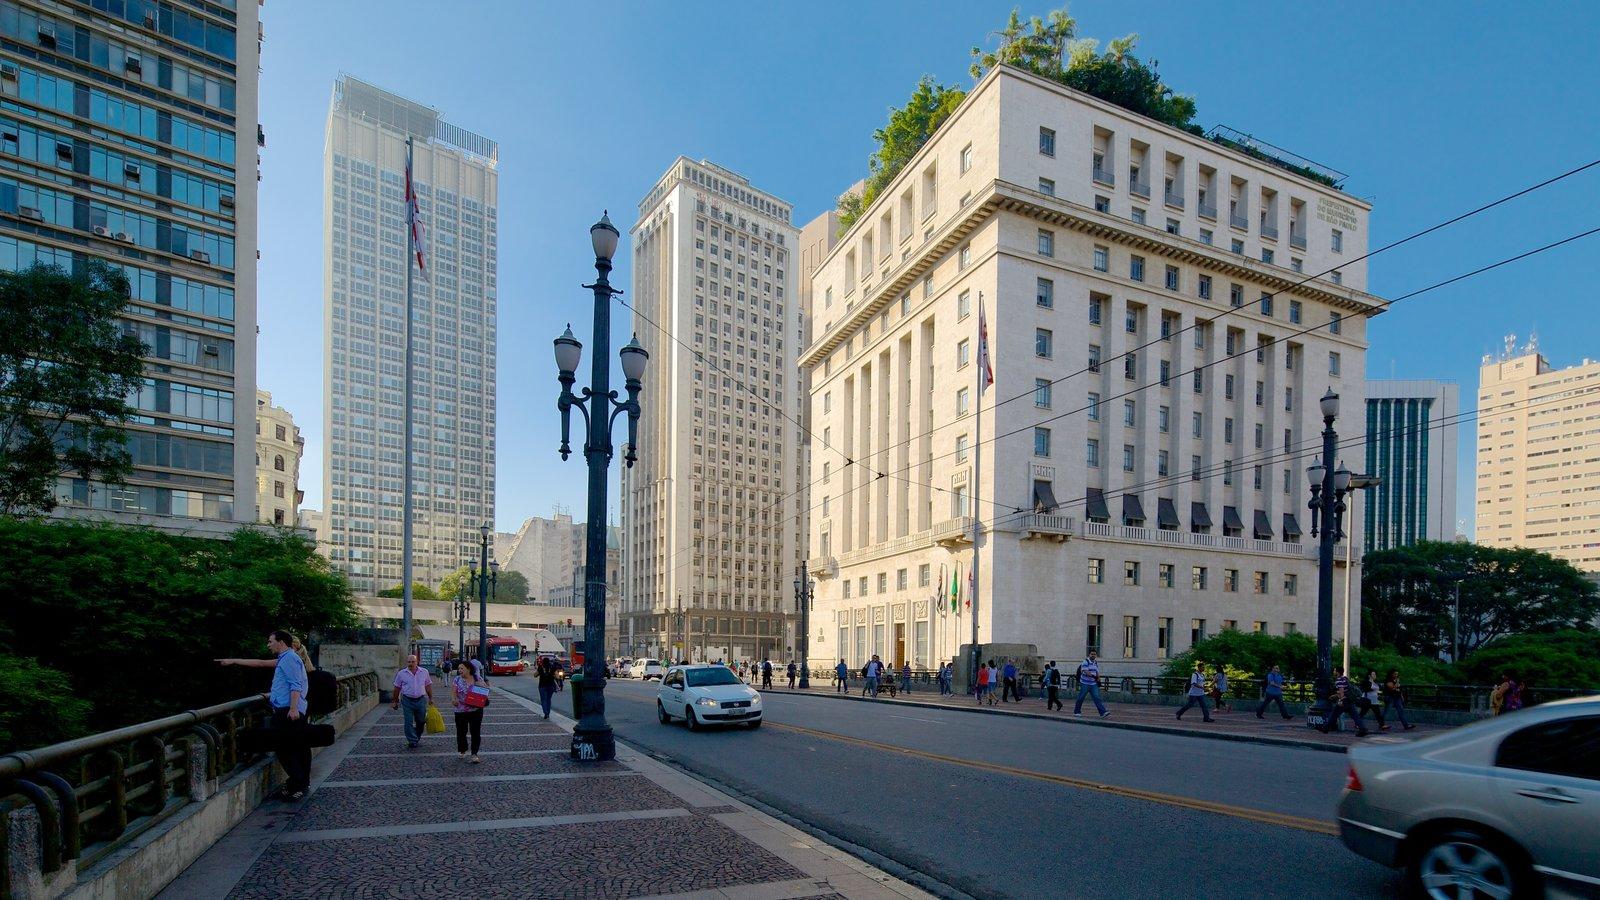 Prefeitura que inclui uma cidade e cenas de rua